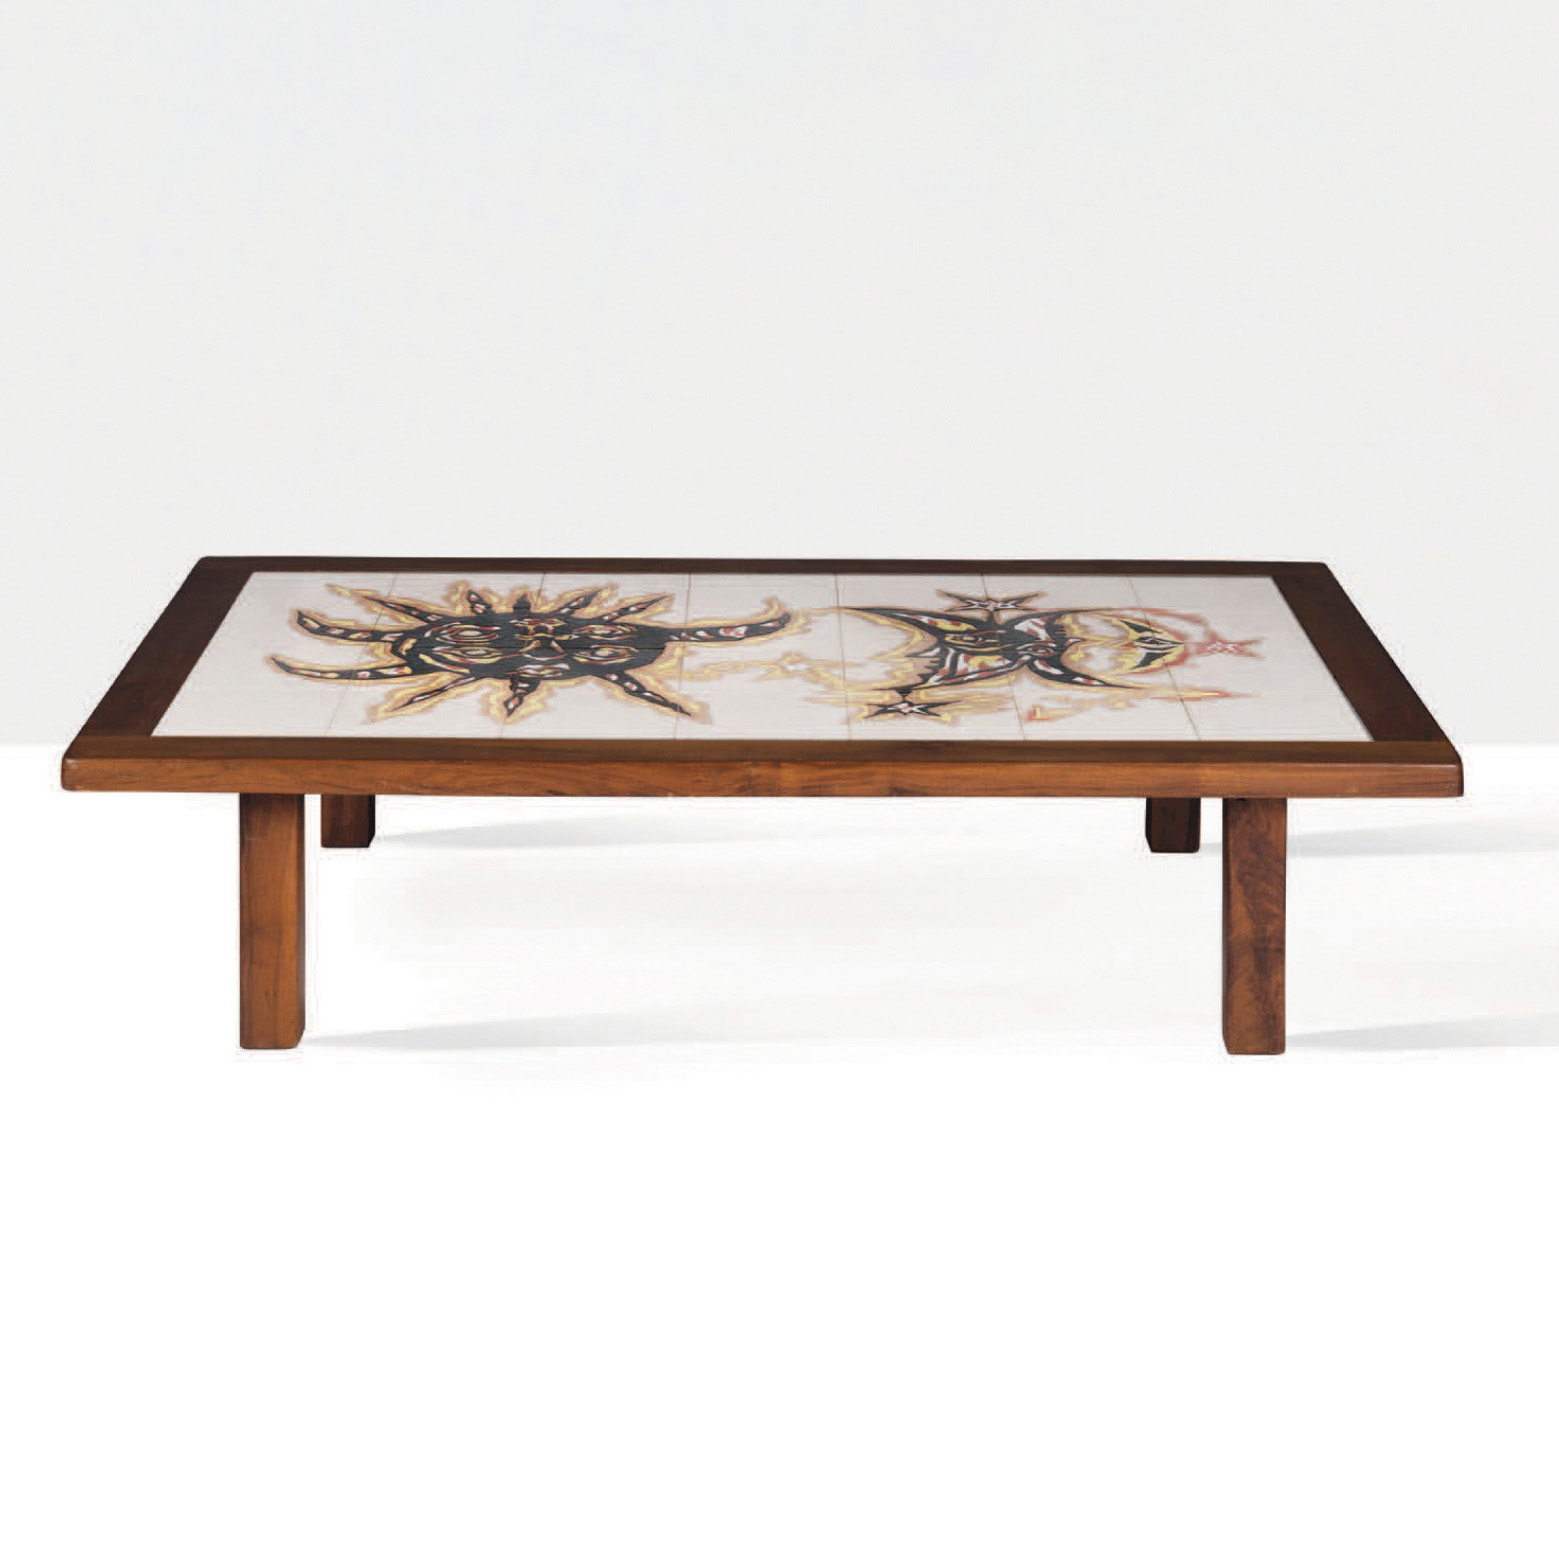 3380€ Jean Lurçat et Sant Vicens, table basse en céramique et bois, vers 1950, 39x158x97cm.Neuilly, Hôtel des Ventes. Aguttes OVV.